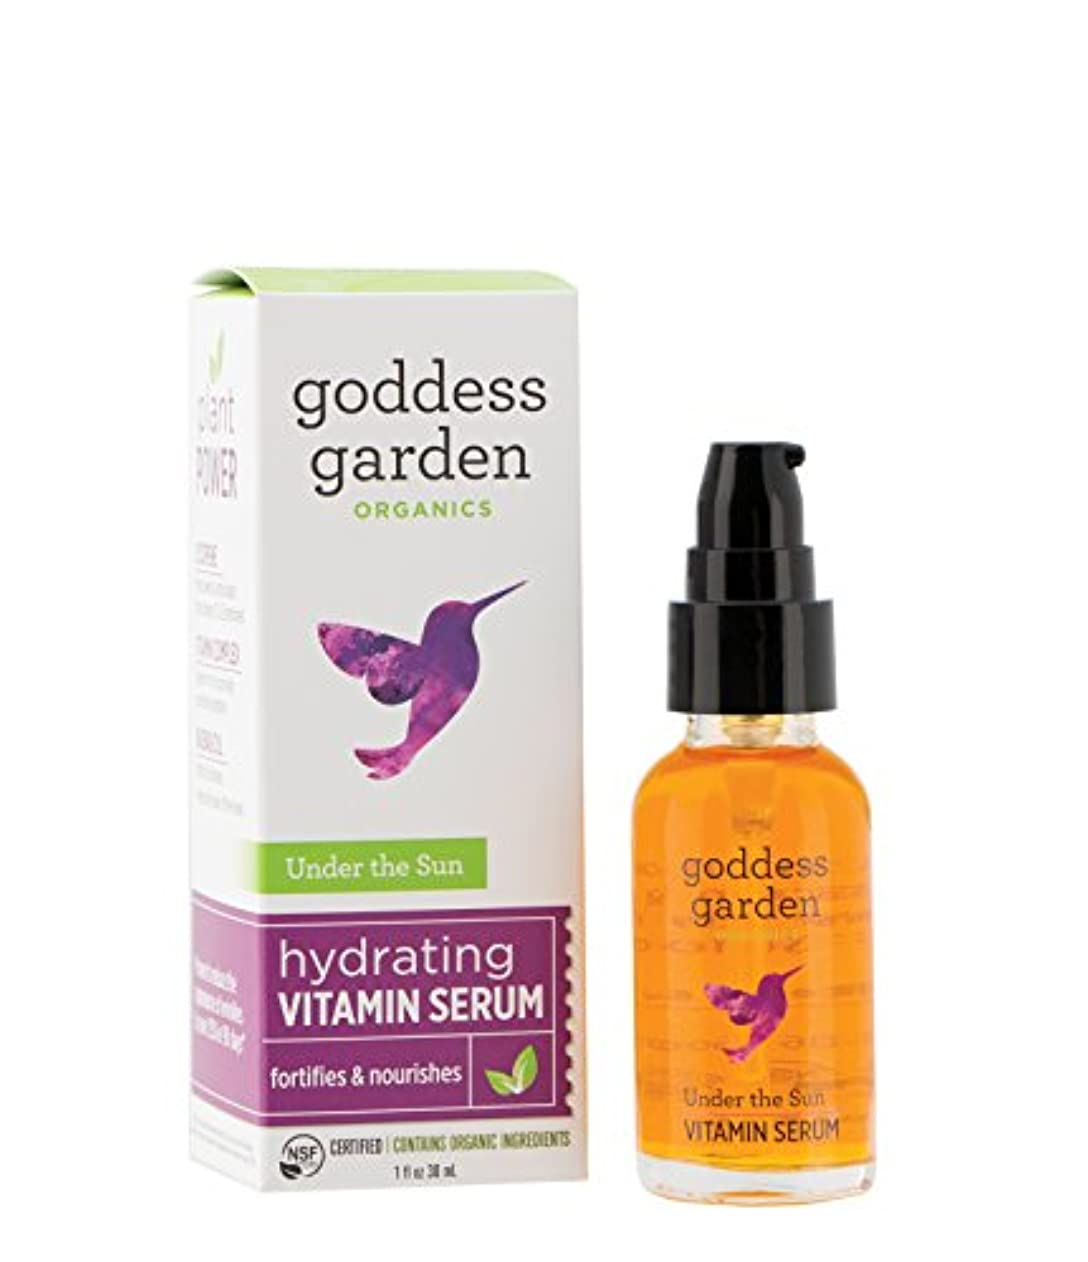 大砲東部輝度Goddess Garden サンハイドレイティングビタミンセラム(1オンス。ボトル)オーガニック、完全菜食主義、リーピングバニー認定虐待フリー、パラベンフリー、敏感肌に優しく、公認B社の下ではオーガニック